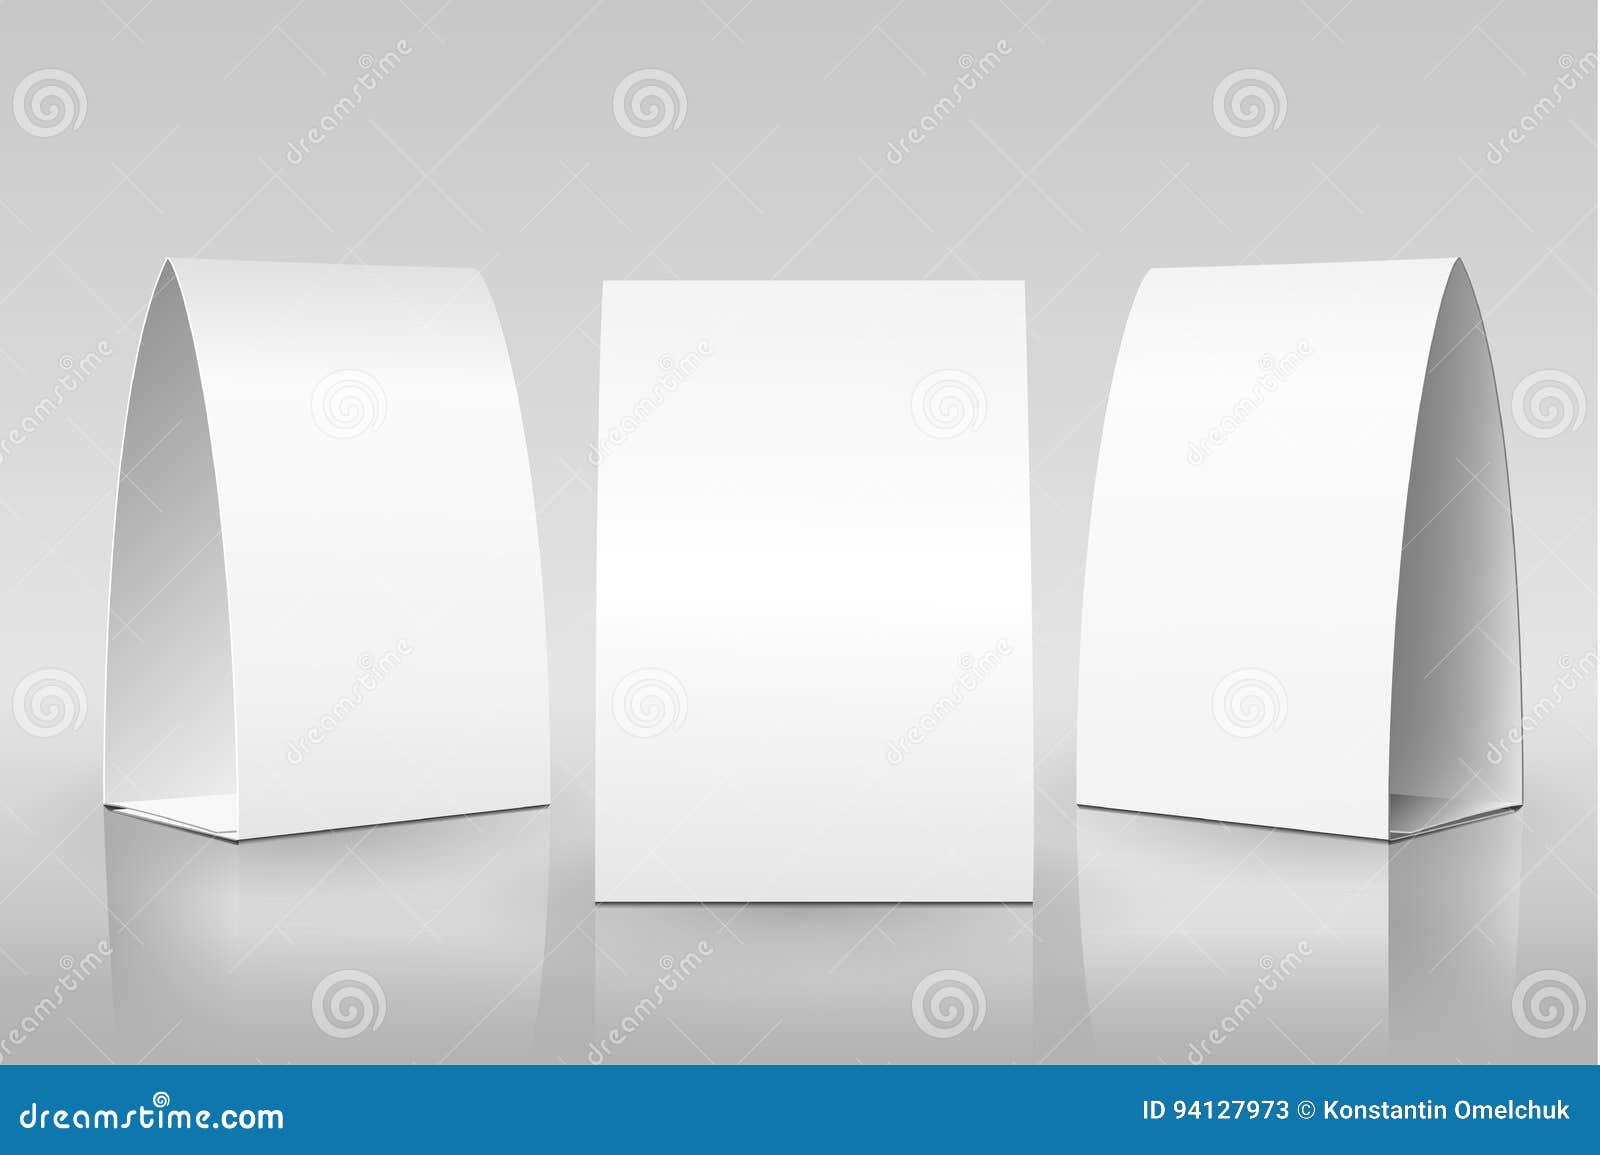 Σκηνή κενών πινάκων που απομονώνεται στο γκρίζο υπόβαθρο Κάθετες κάρτες εγγράφου στο άσπρο υπόβαθρο με τις αντανακλάσεις